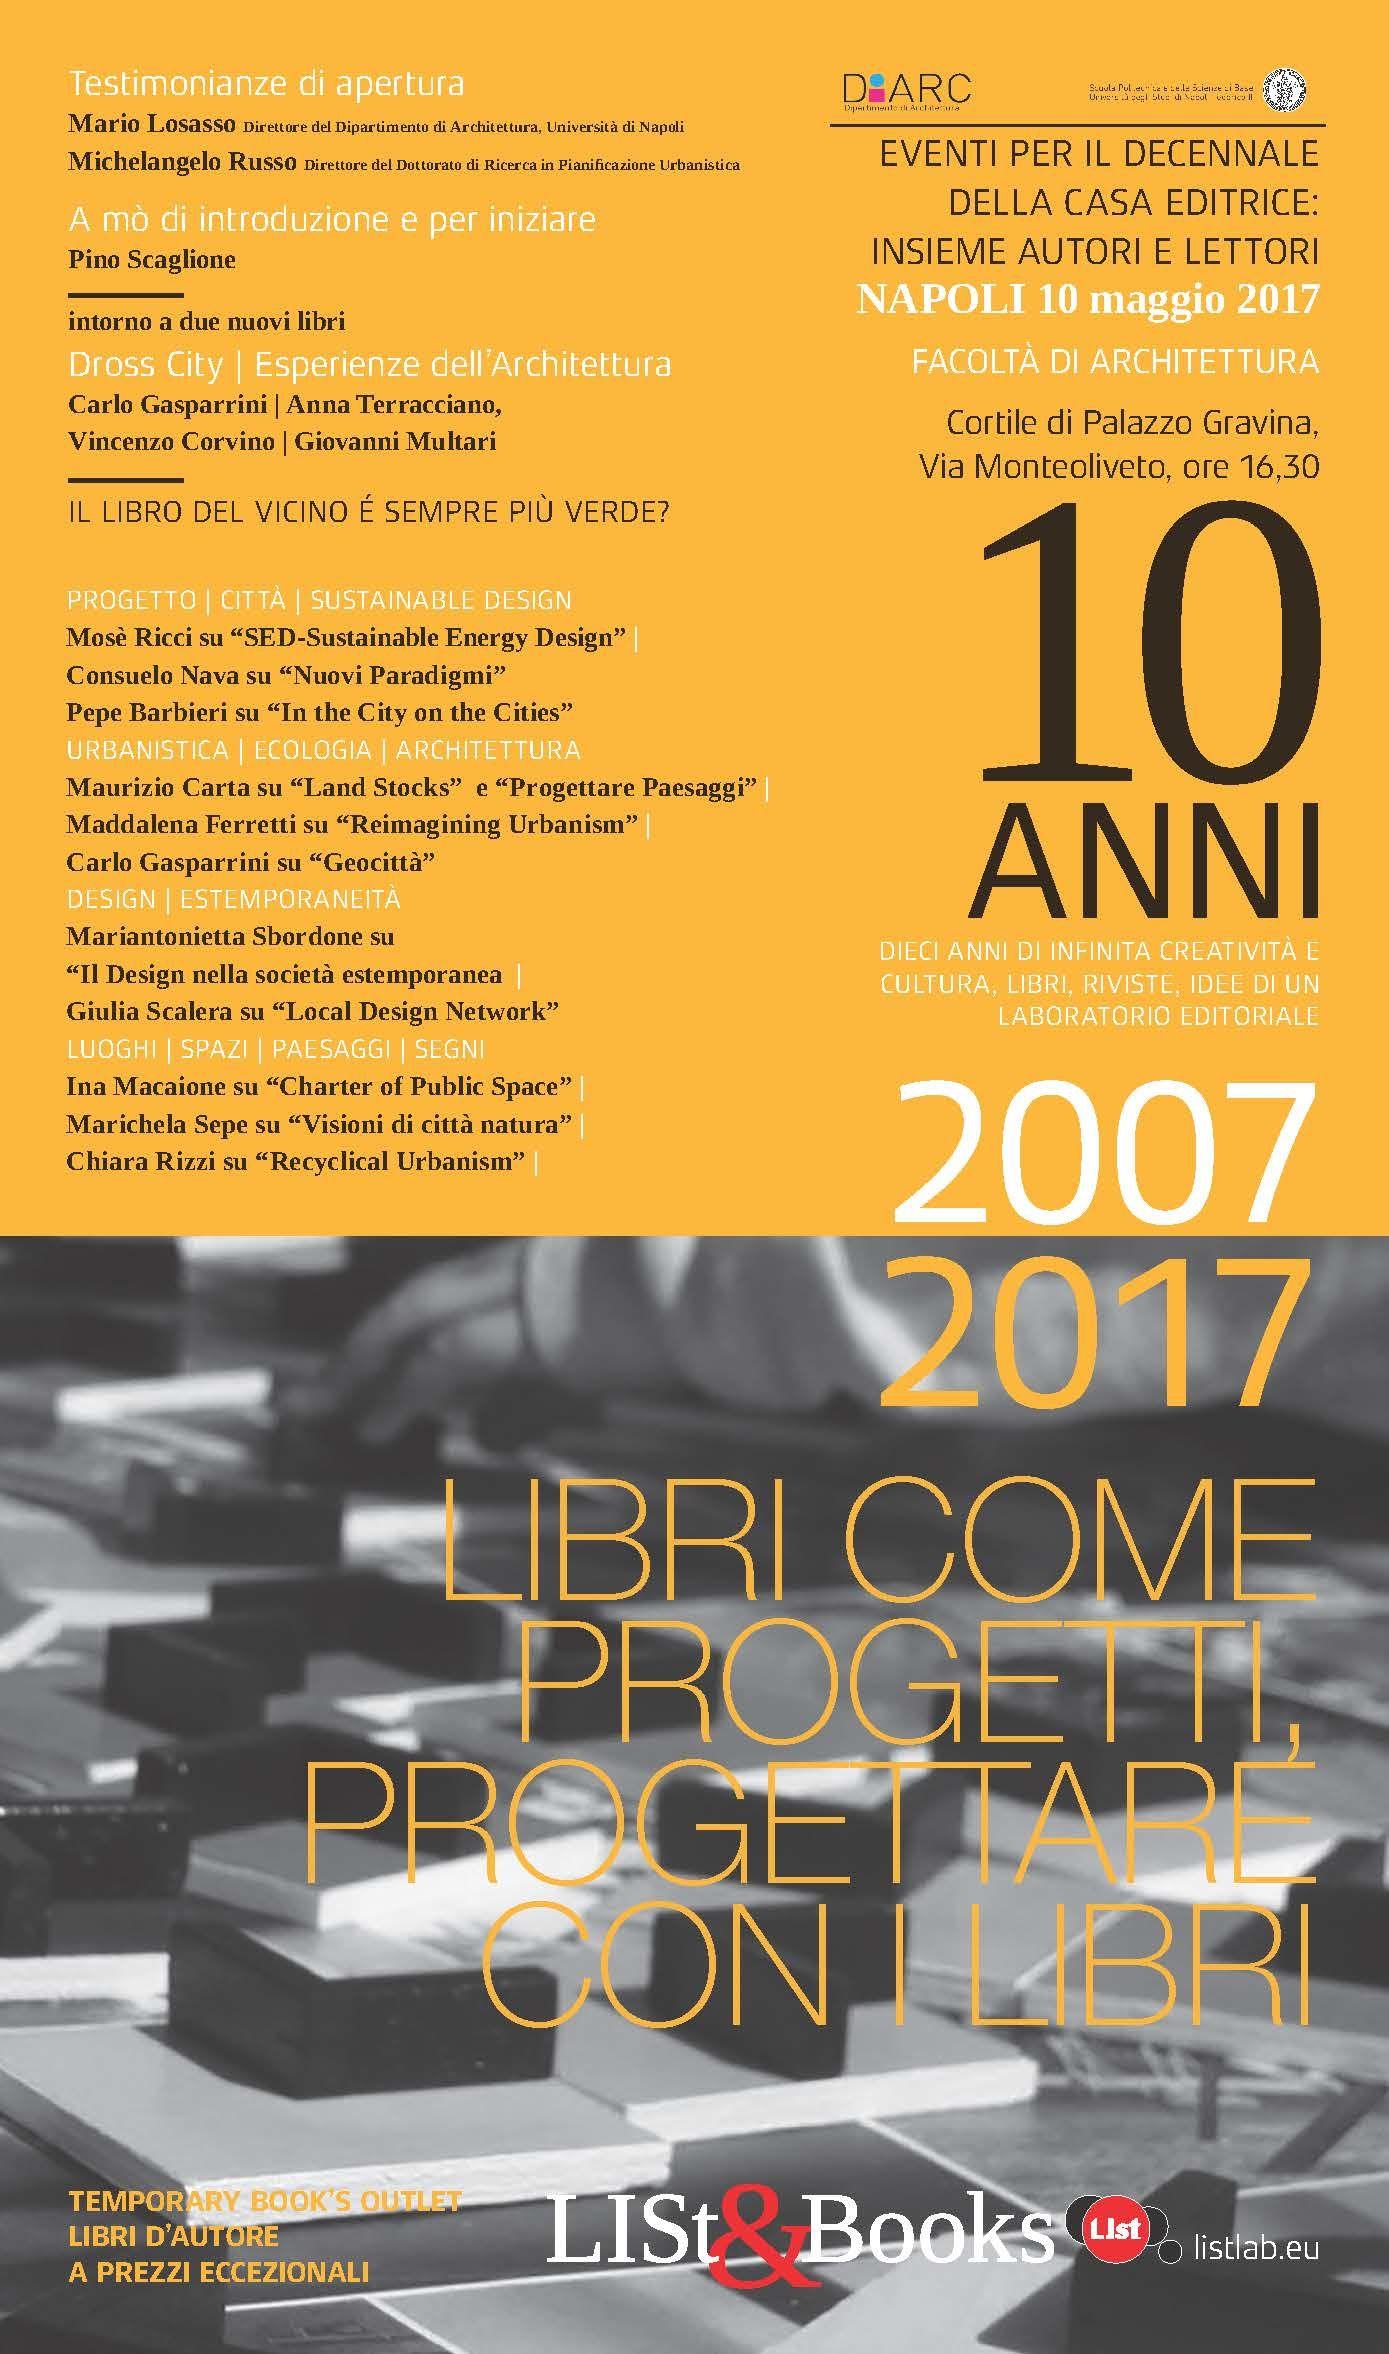 10 anni di infinita creatività e cultura: libri, riviste idee di un laboratorio editoriale